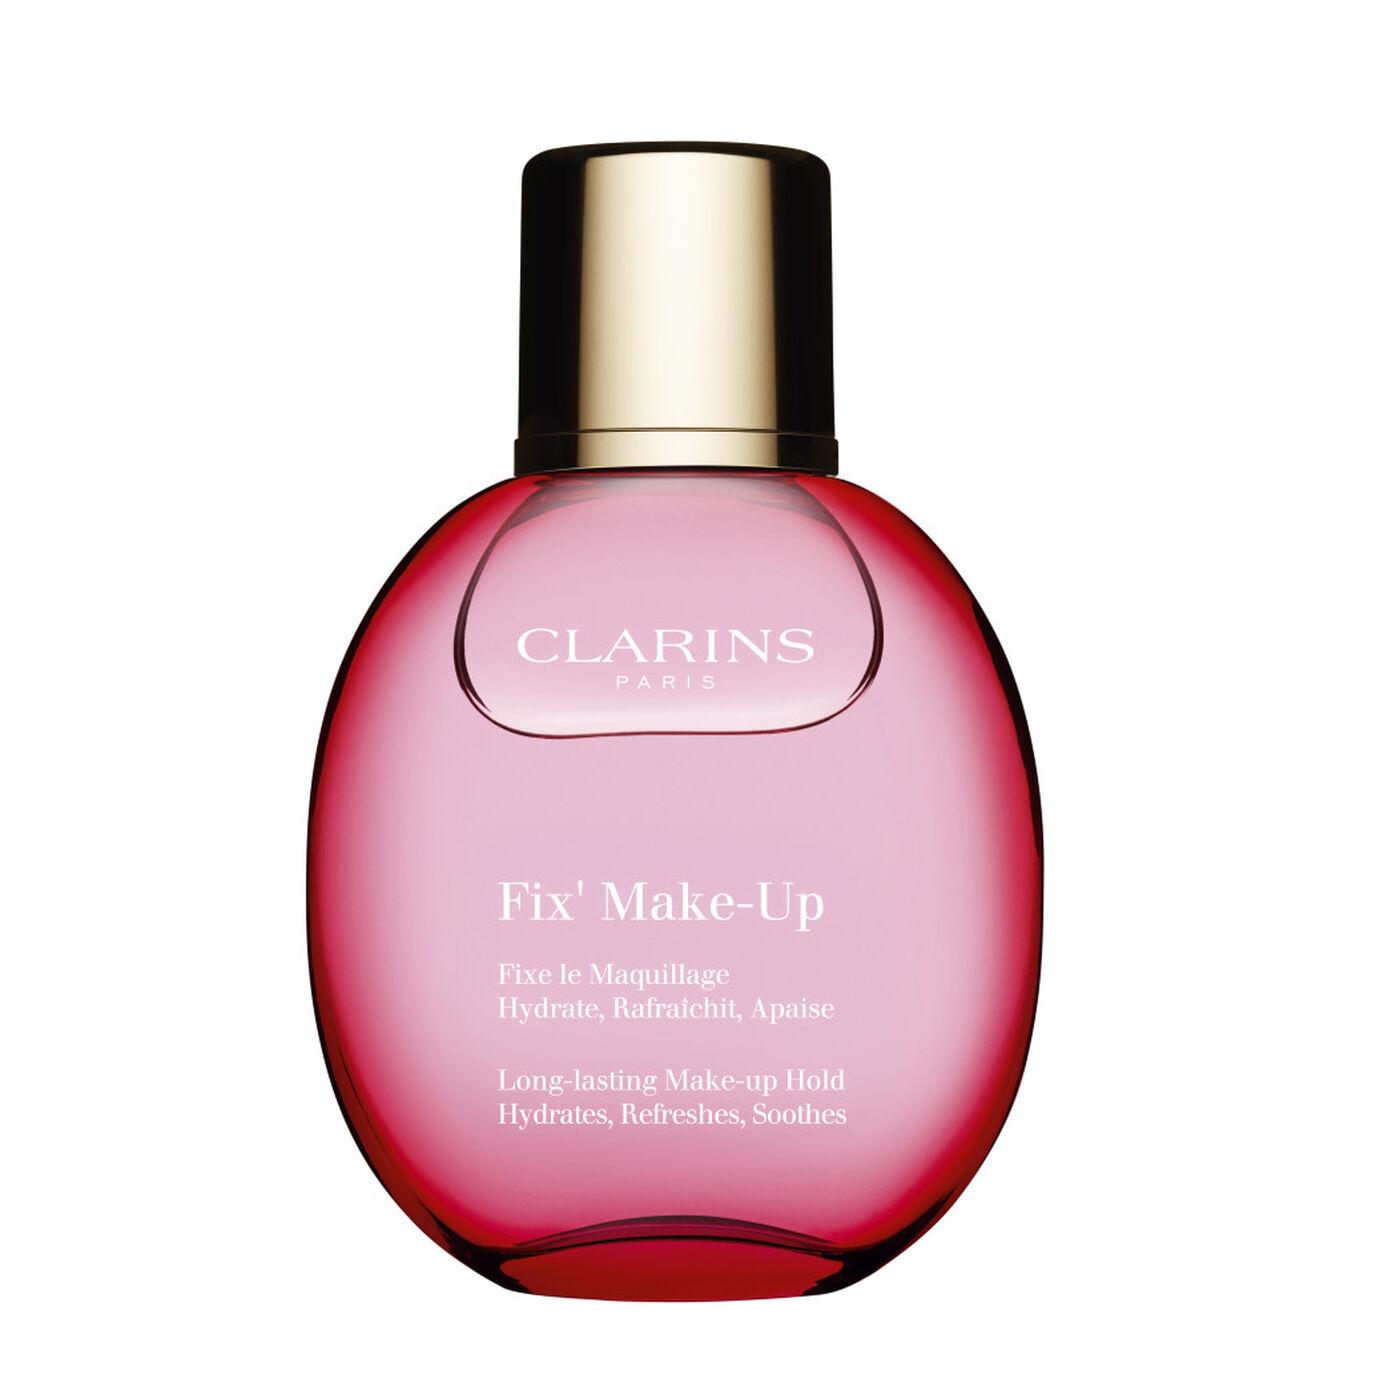 Fix' Make-Up Makeup-Fixierung zum Aufsprühen